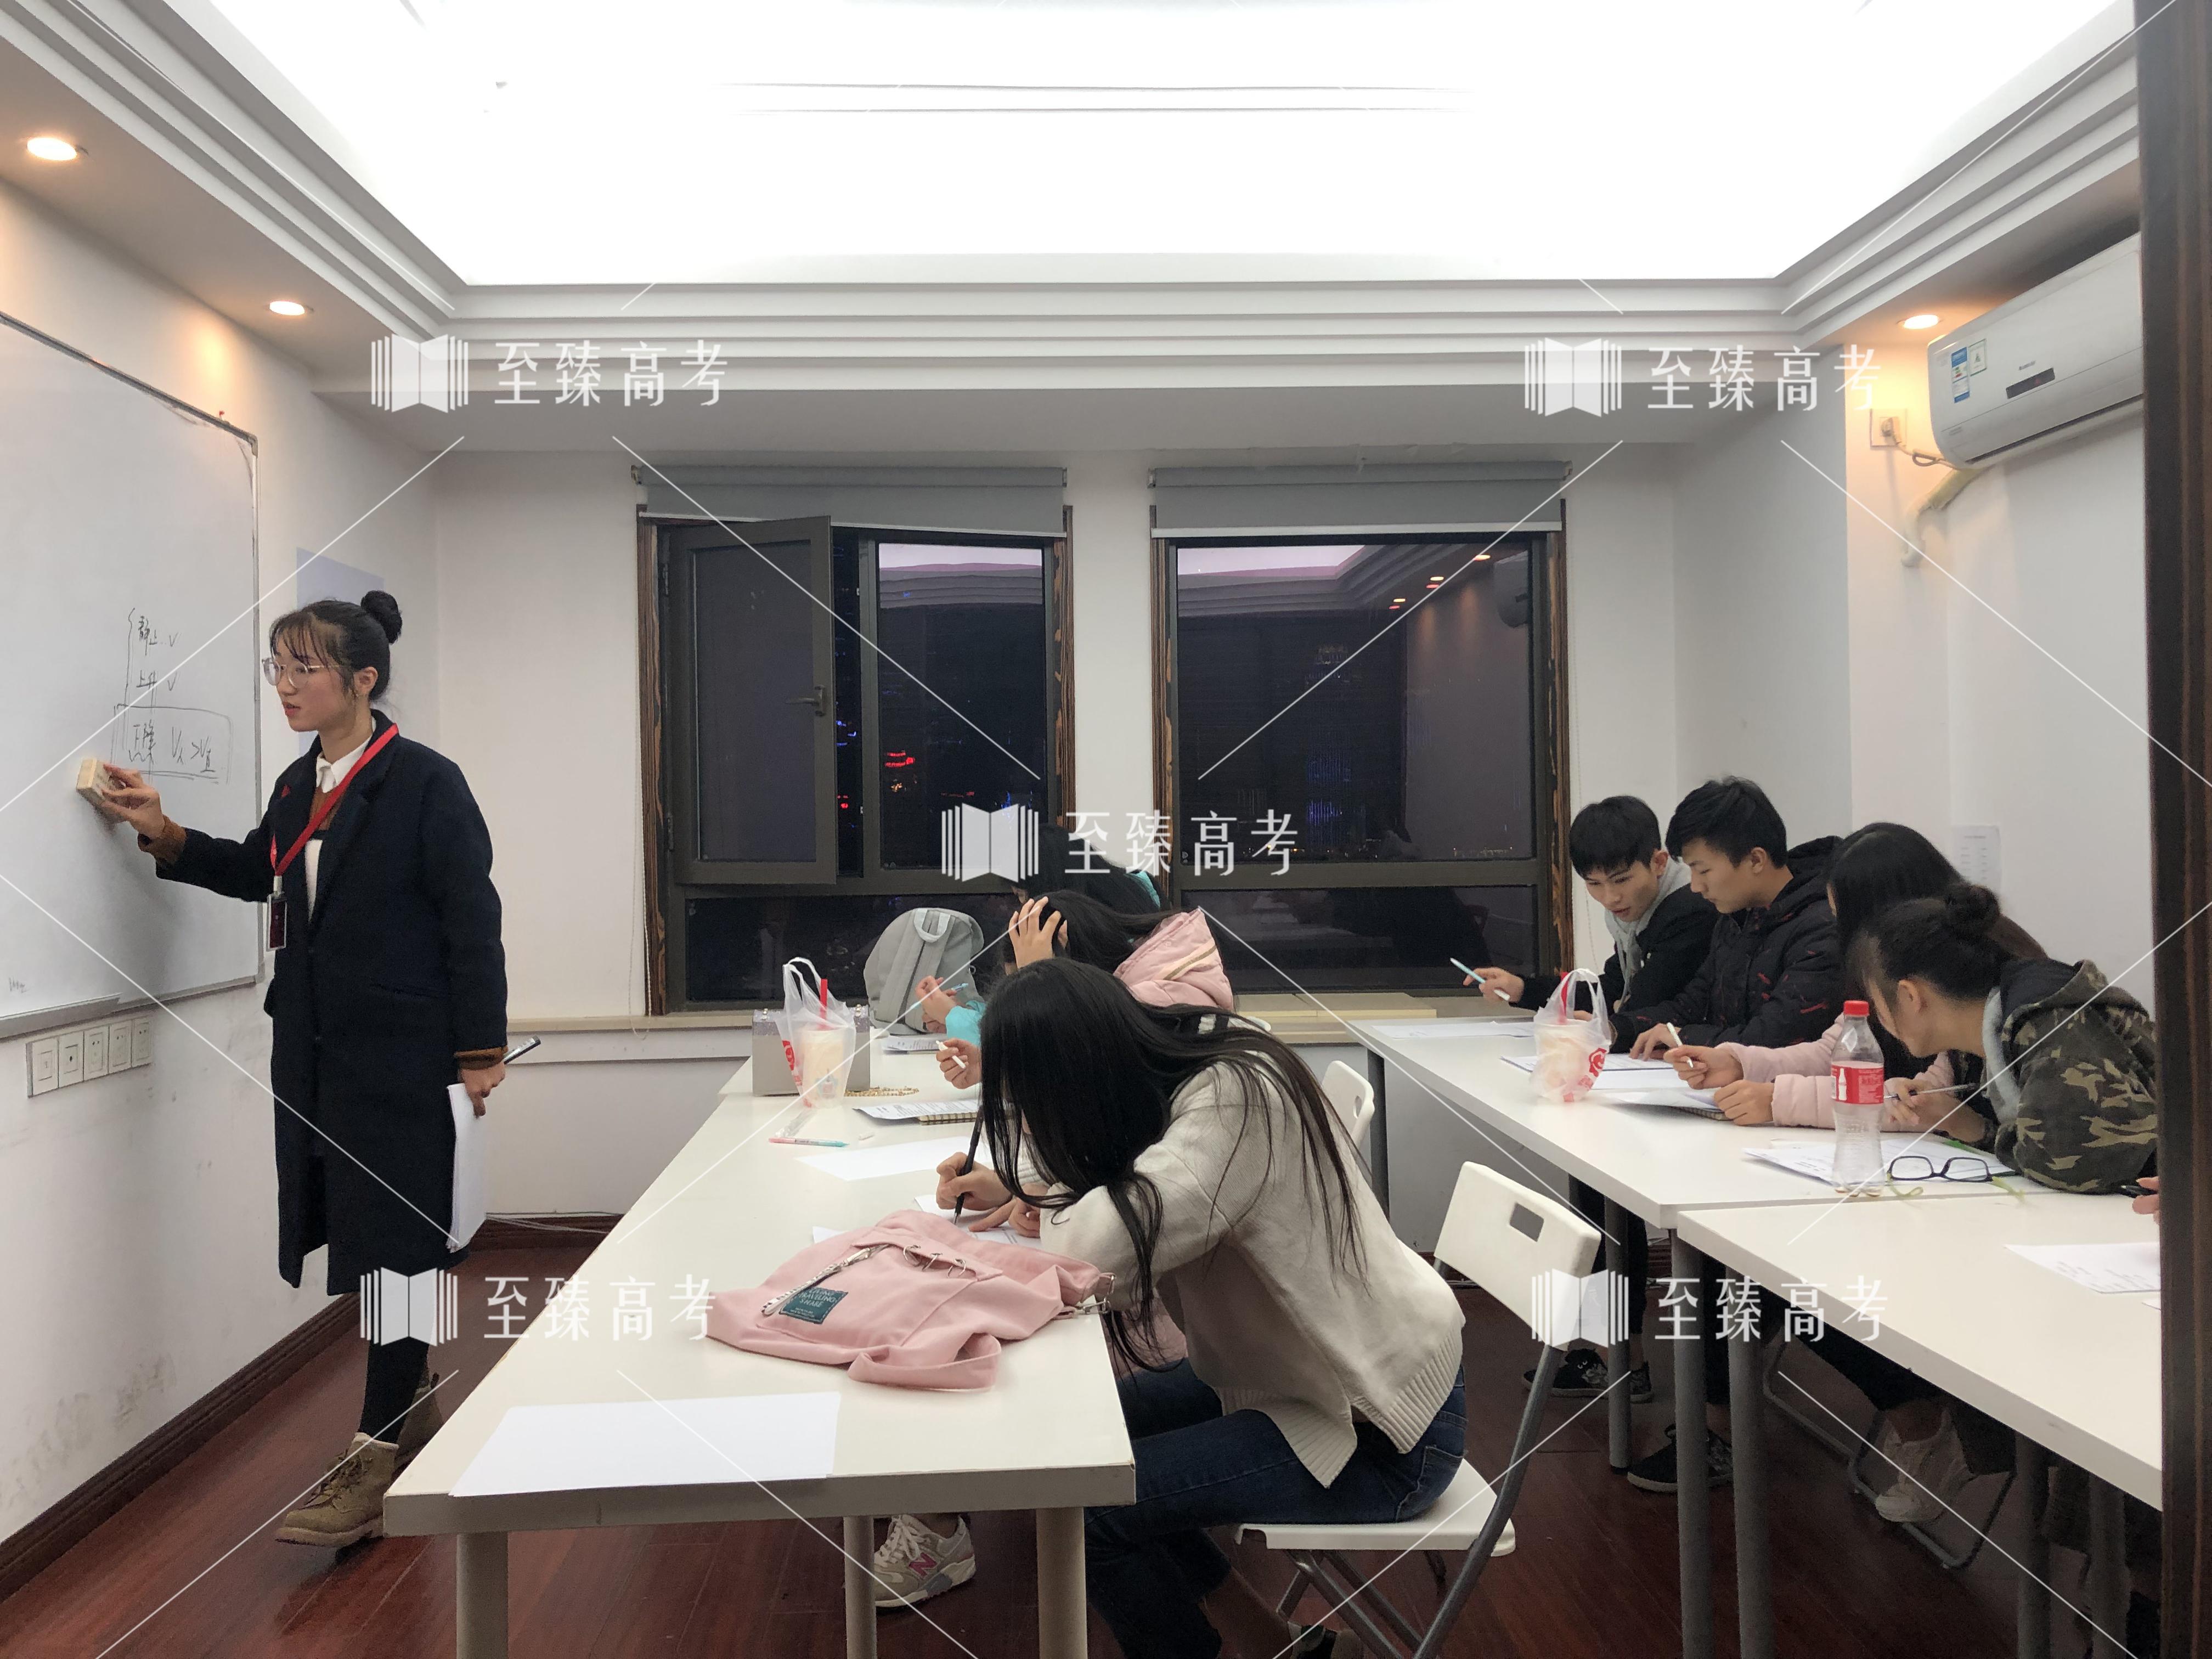 艺考生竞博电竞电子竞技竞猜小班教学校考延期